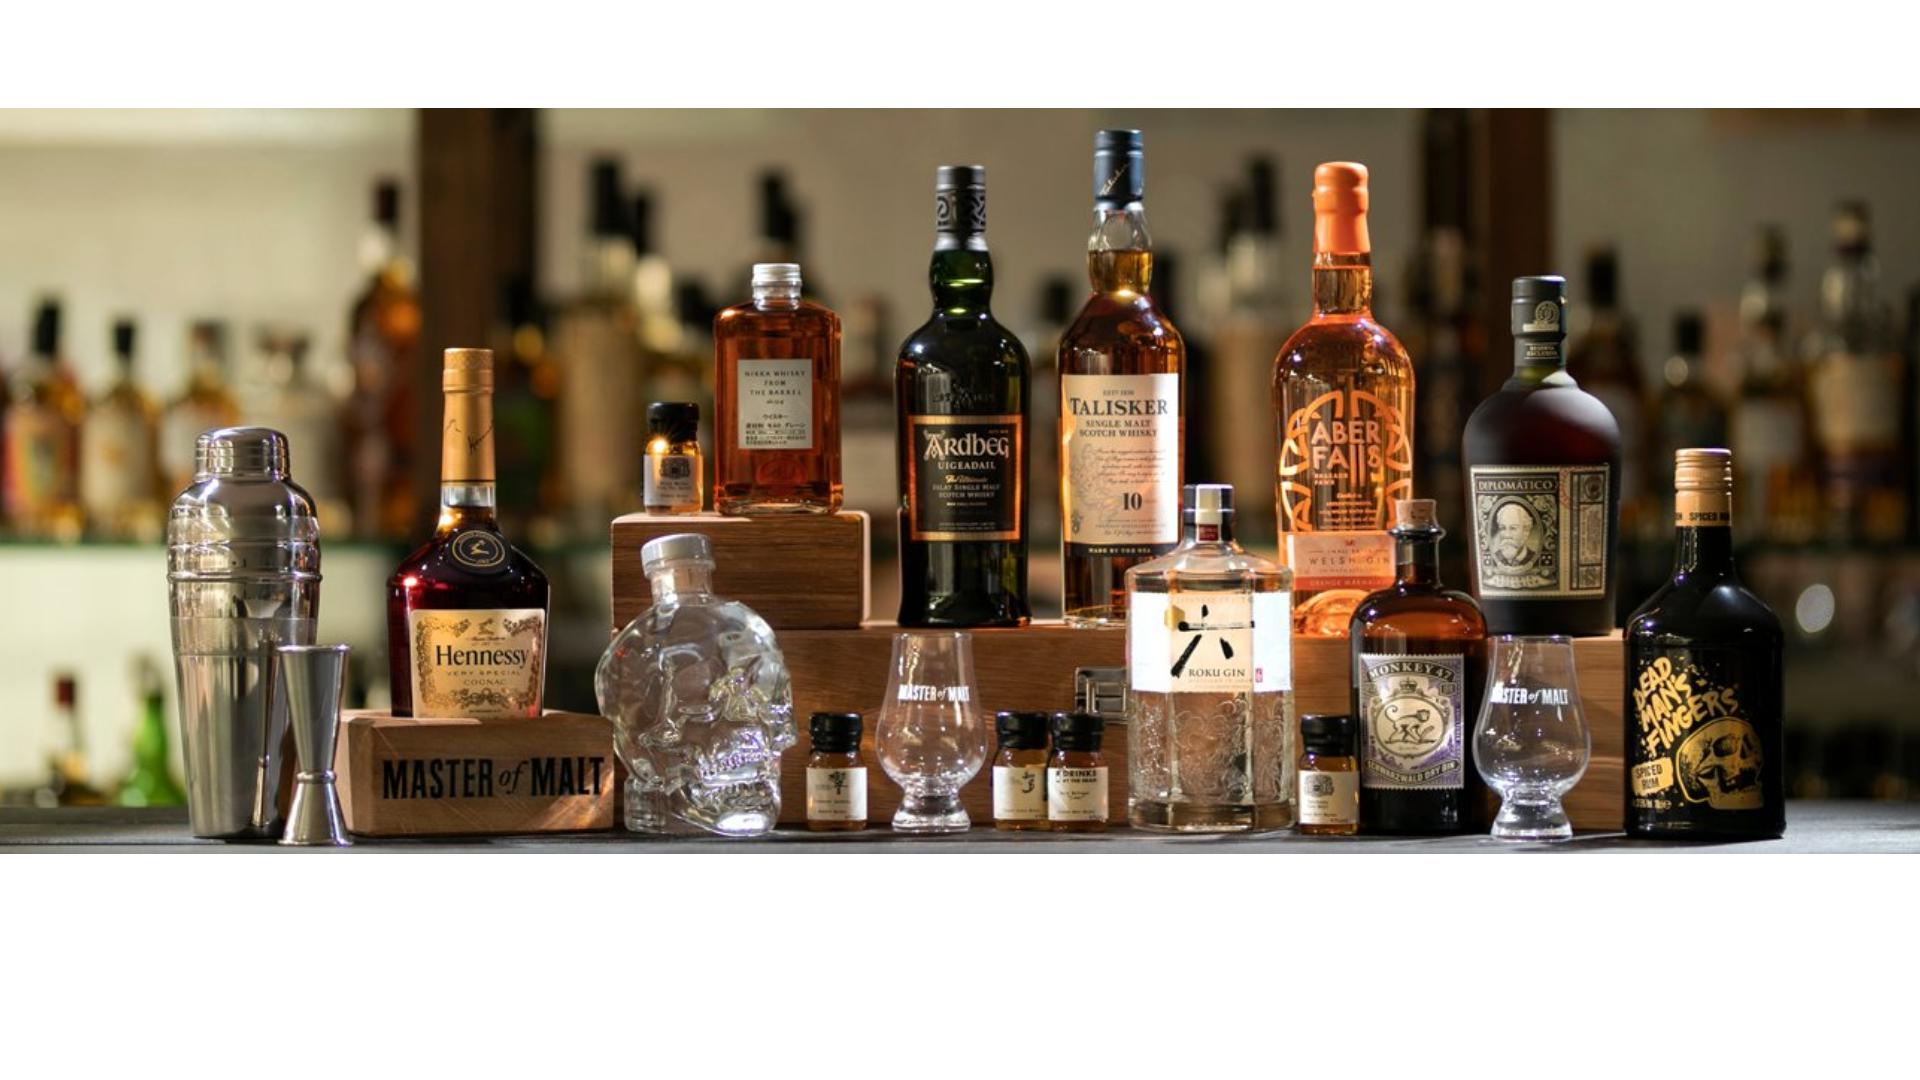 Une sélection de whiskies et autres alcools à acheter en ligne sur Master of Malt